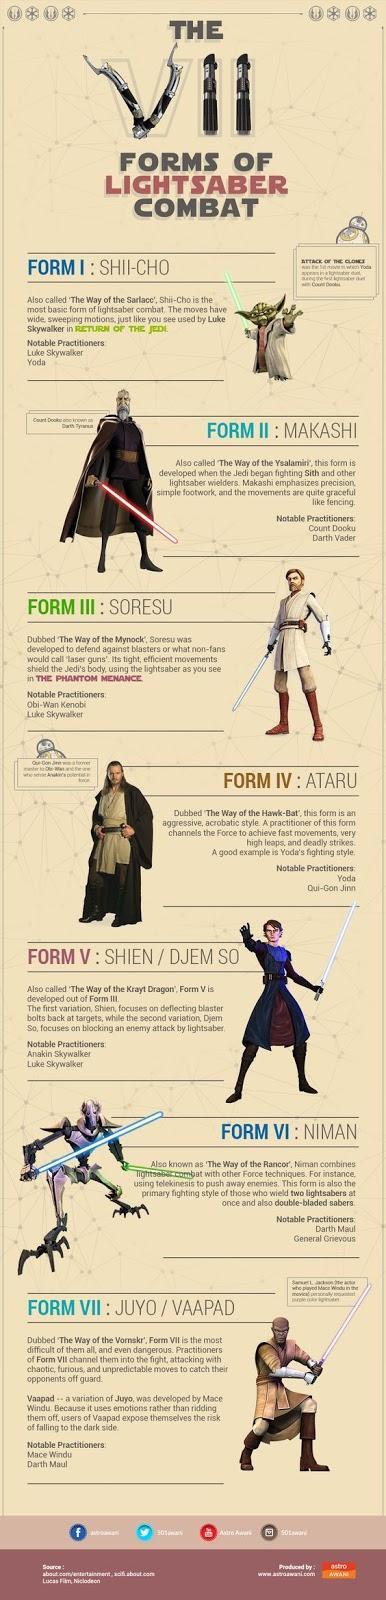 Los siete estilos de combate de los Jedi y los Sith